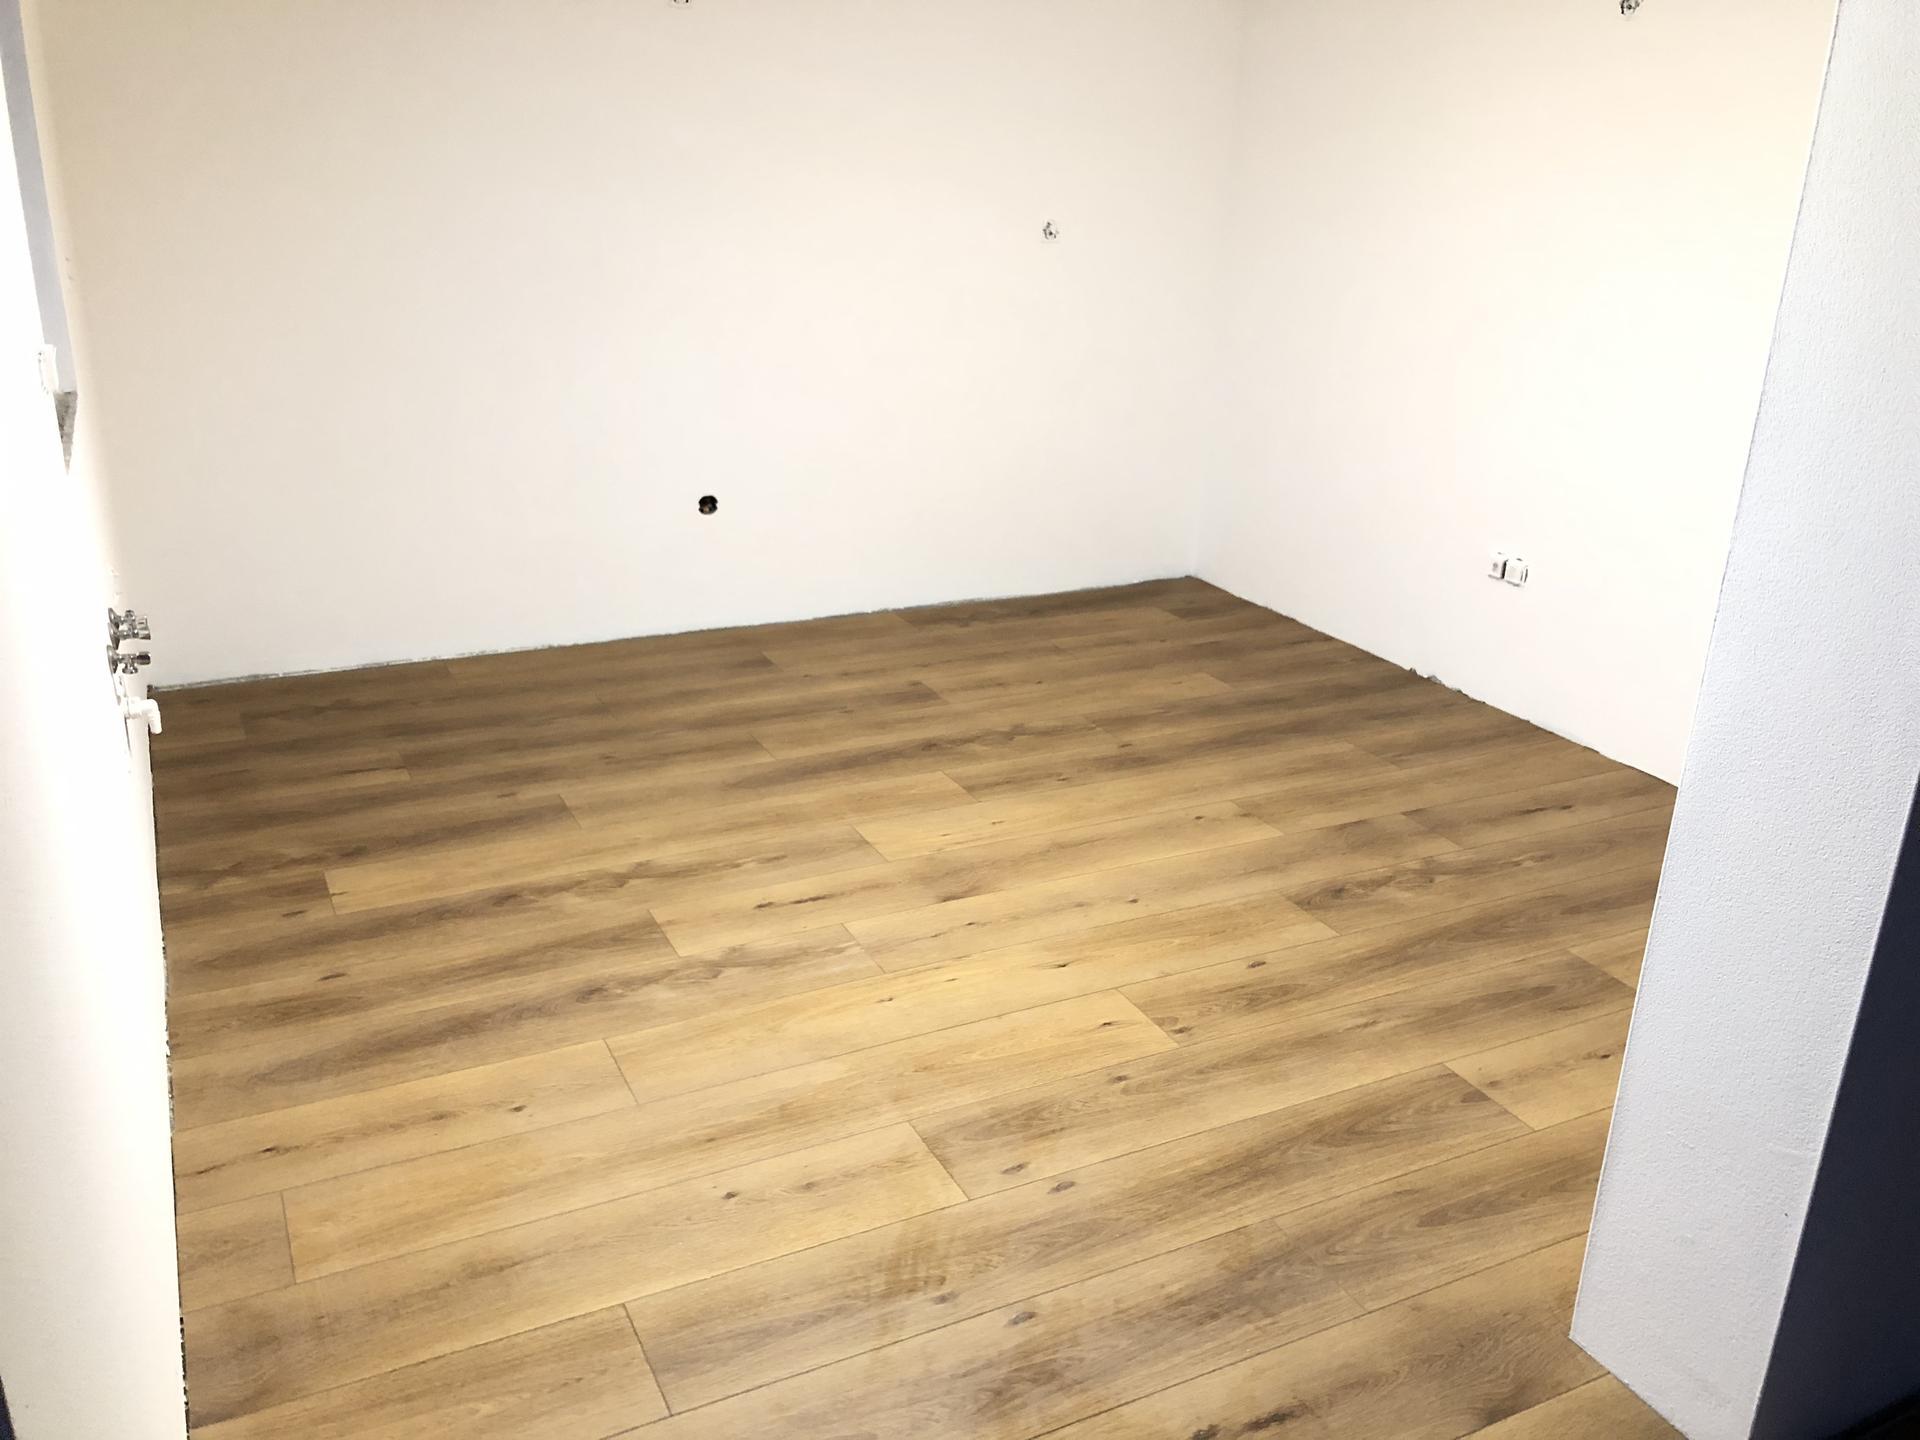 Domček 😍 - Pokladanie podlahy kuchyňa, dosť veľa robí svetlo toto je fotené tma vonku a vnútri zasvietene